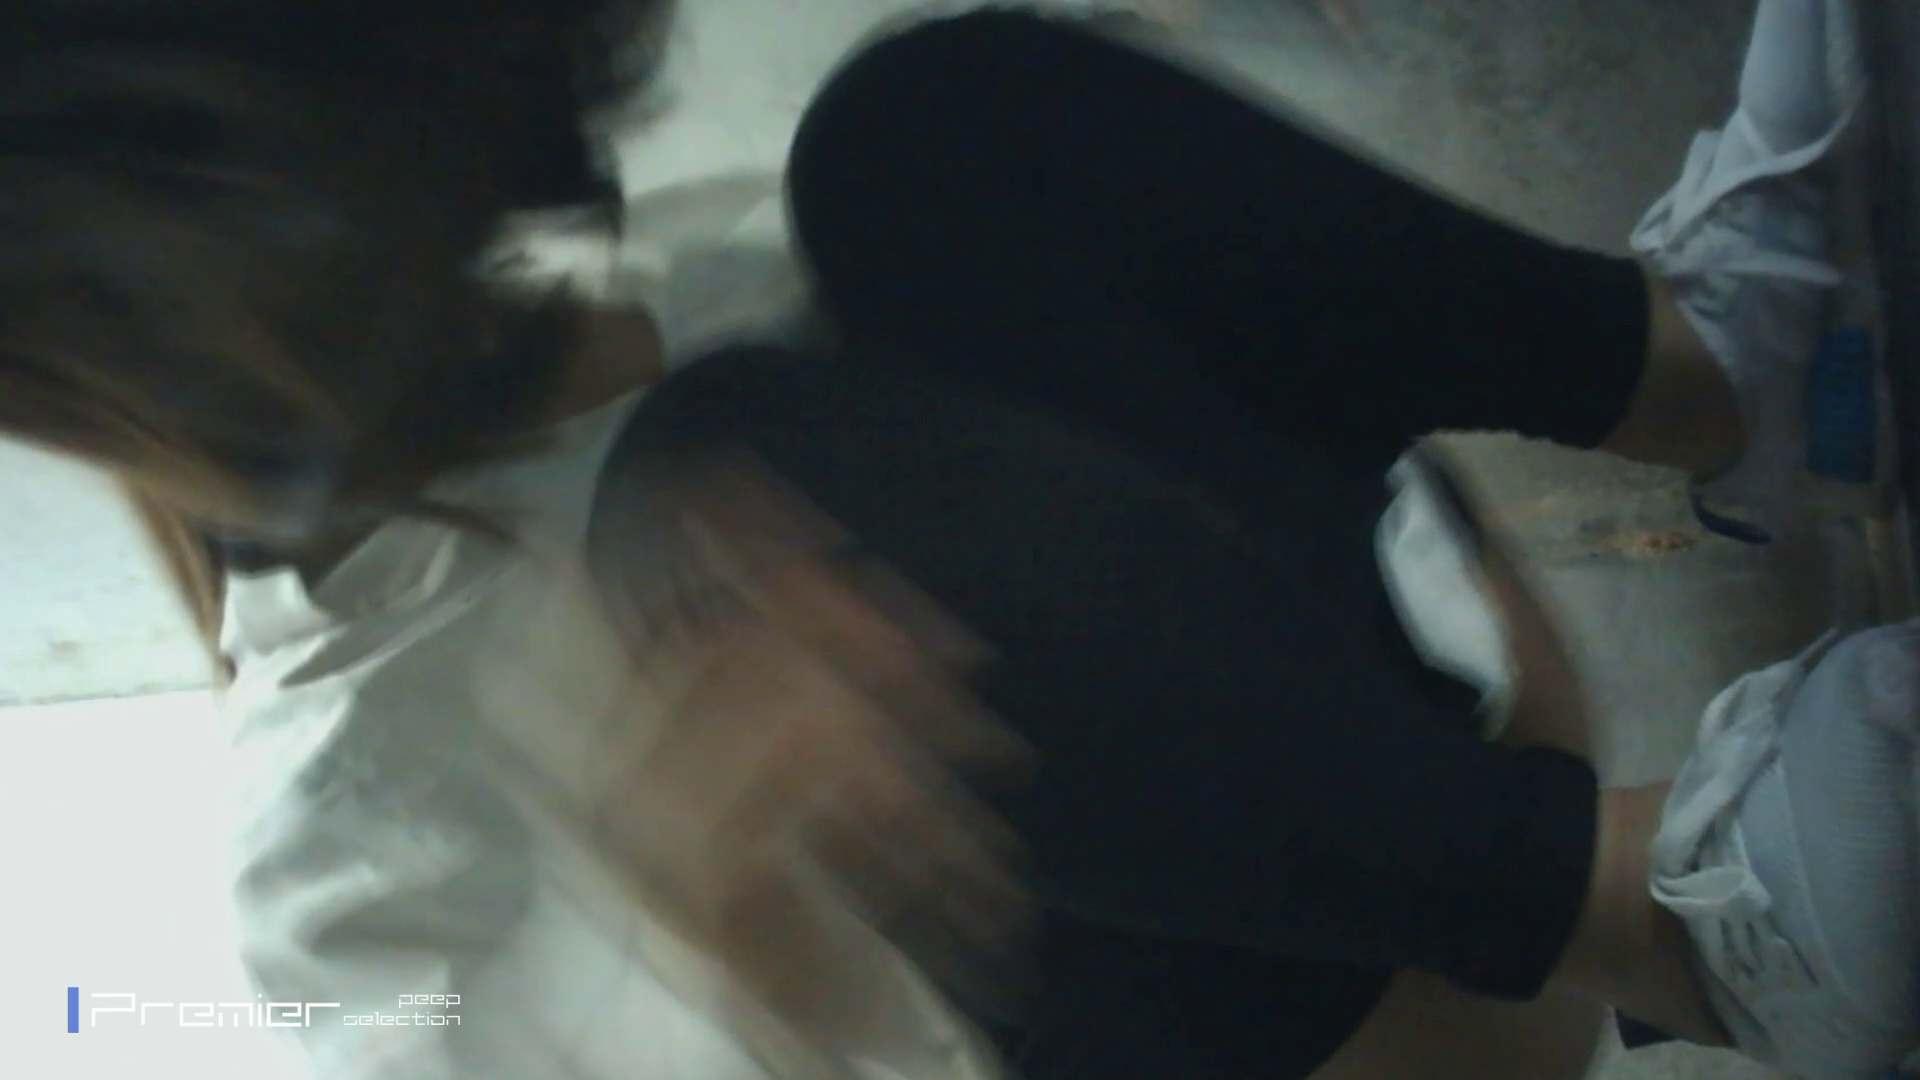 おとなしそうな女の子 トイレシーンを密着盗撮!! 美女の痴態に密着!Vol.24 色っぽいOL達 SEX無修正画像 100pic 42